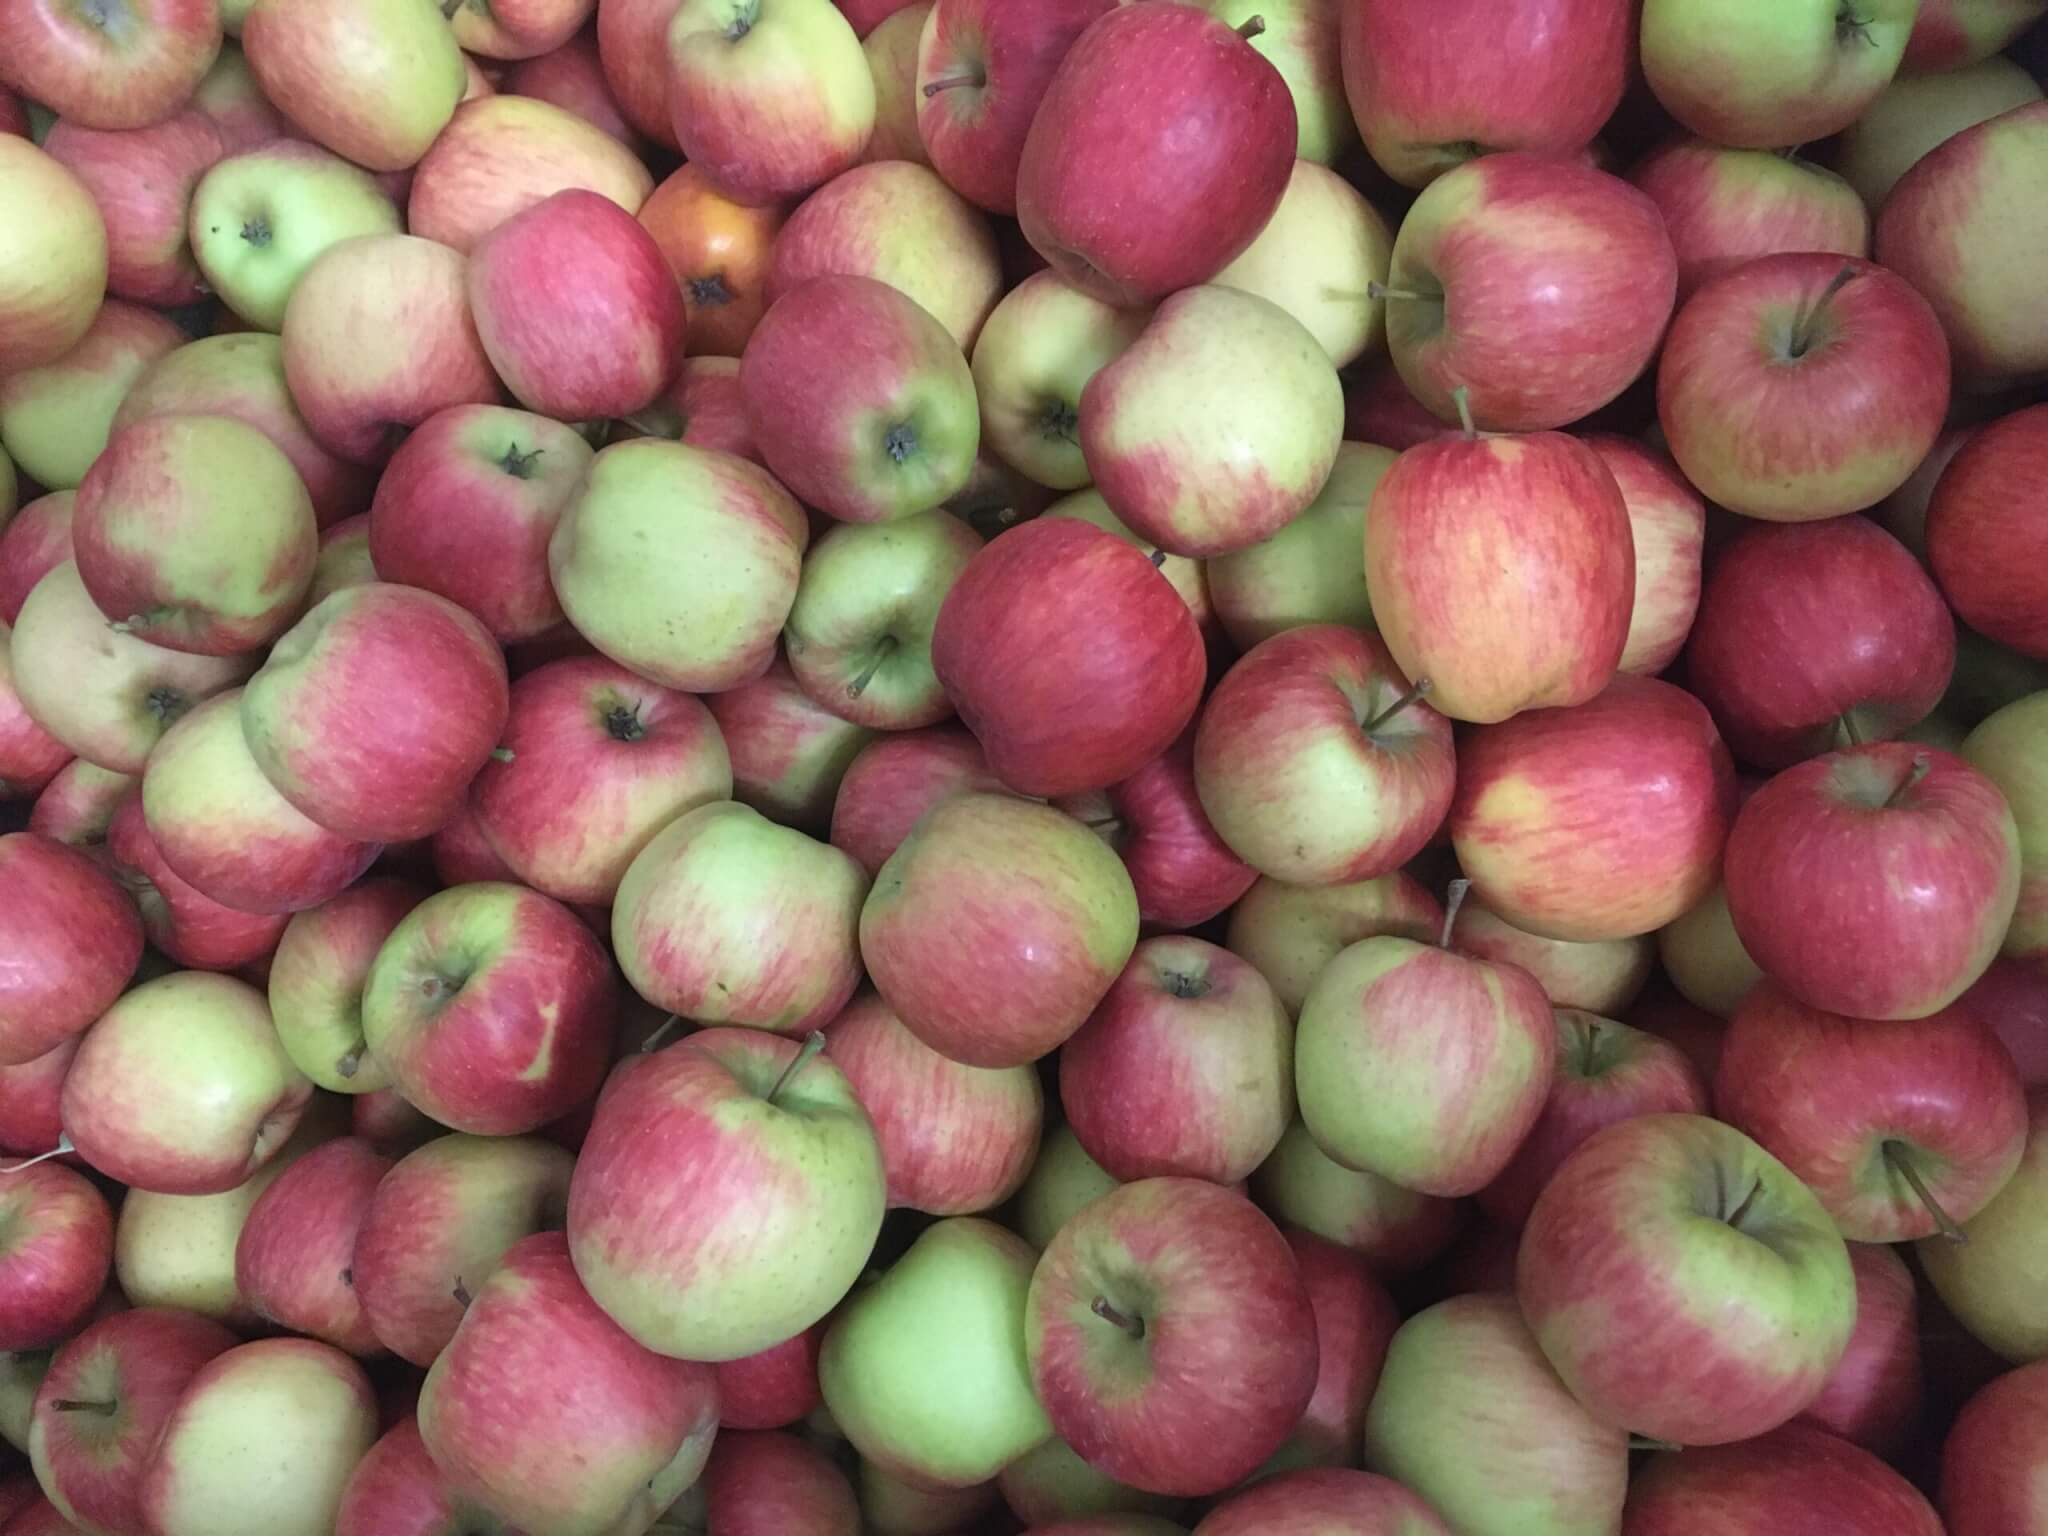 Fruitbedrijf Van den Berge: Zari